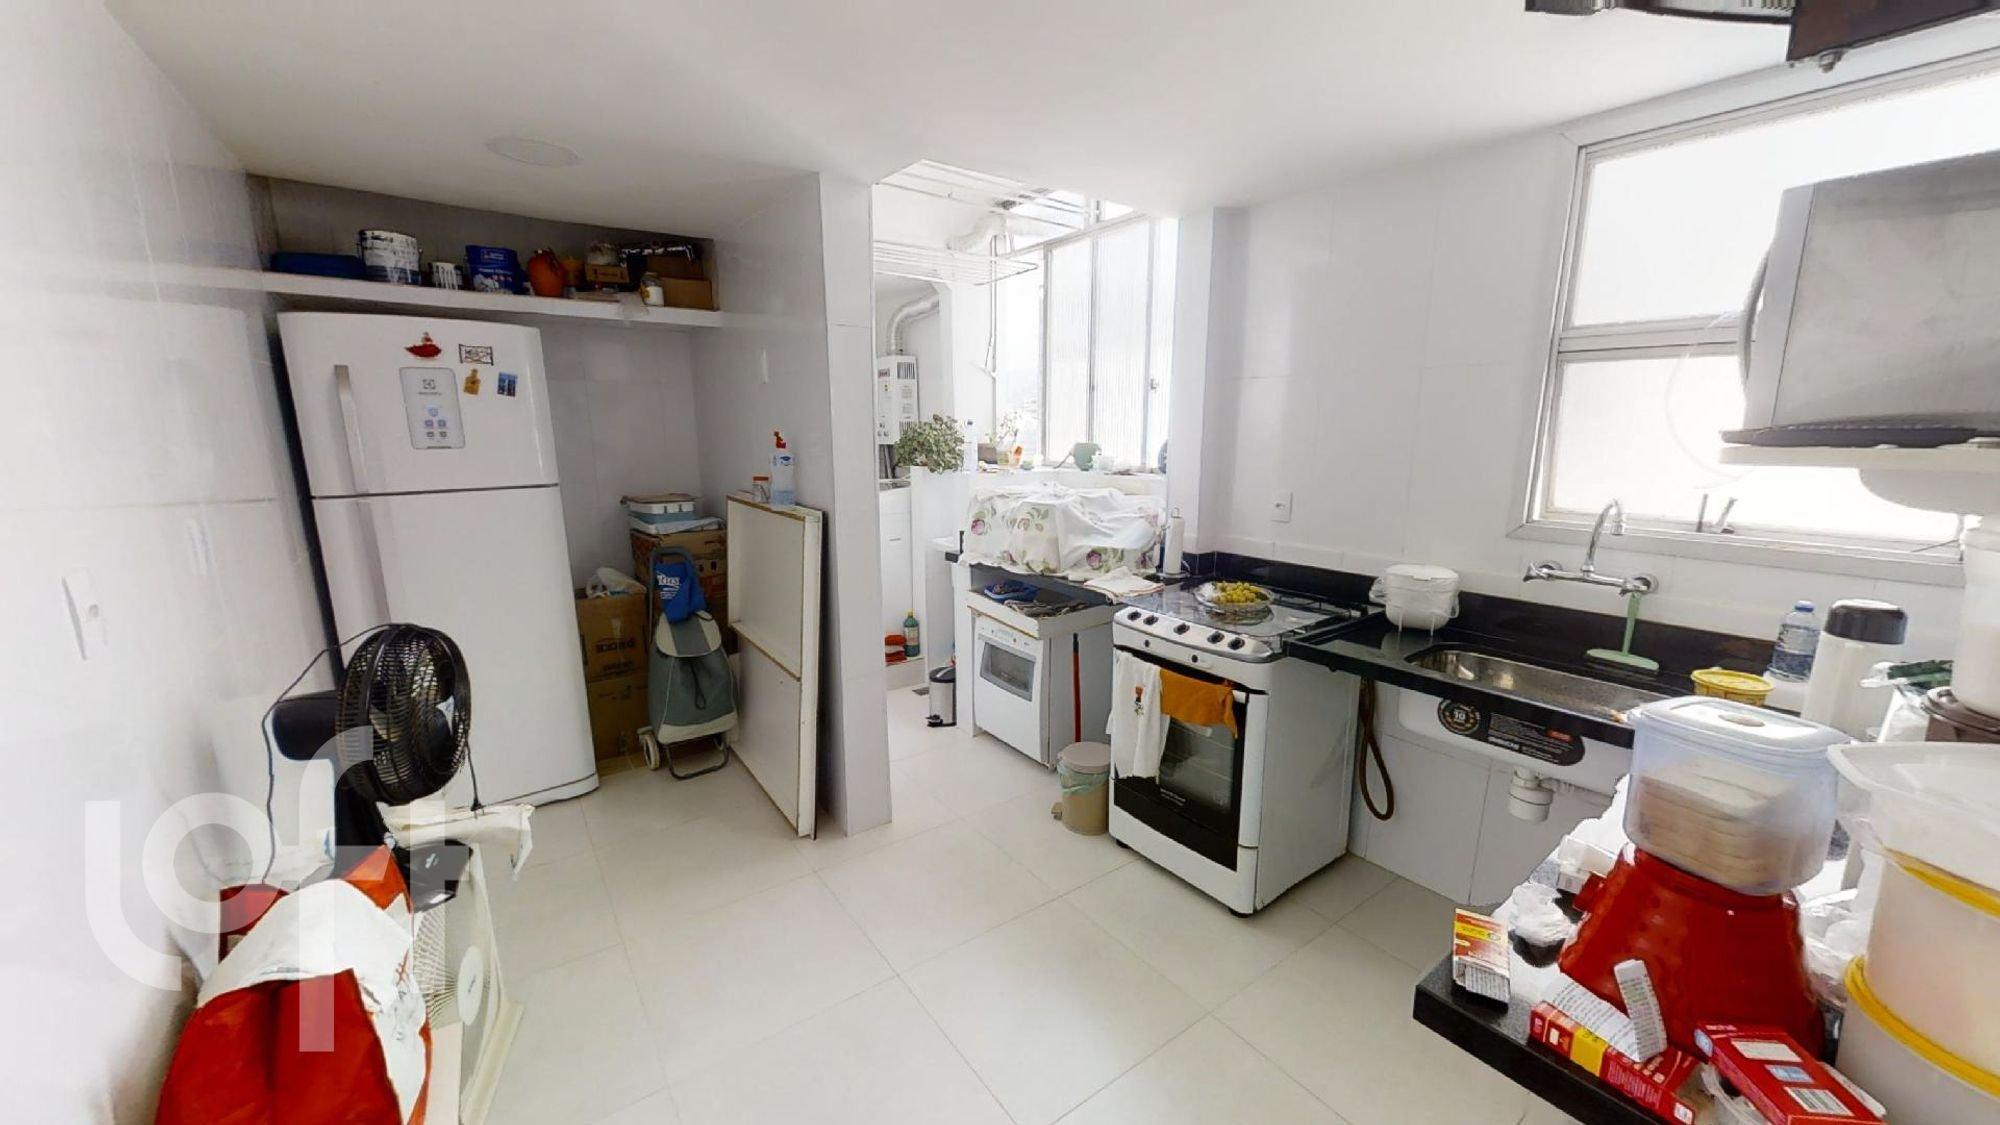 Foto de Cozinha com vaso de planta, garrafa, forno, geladeira